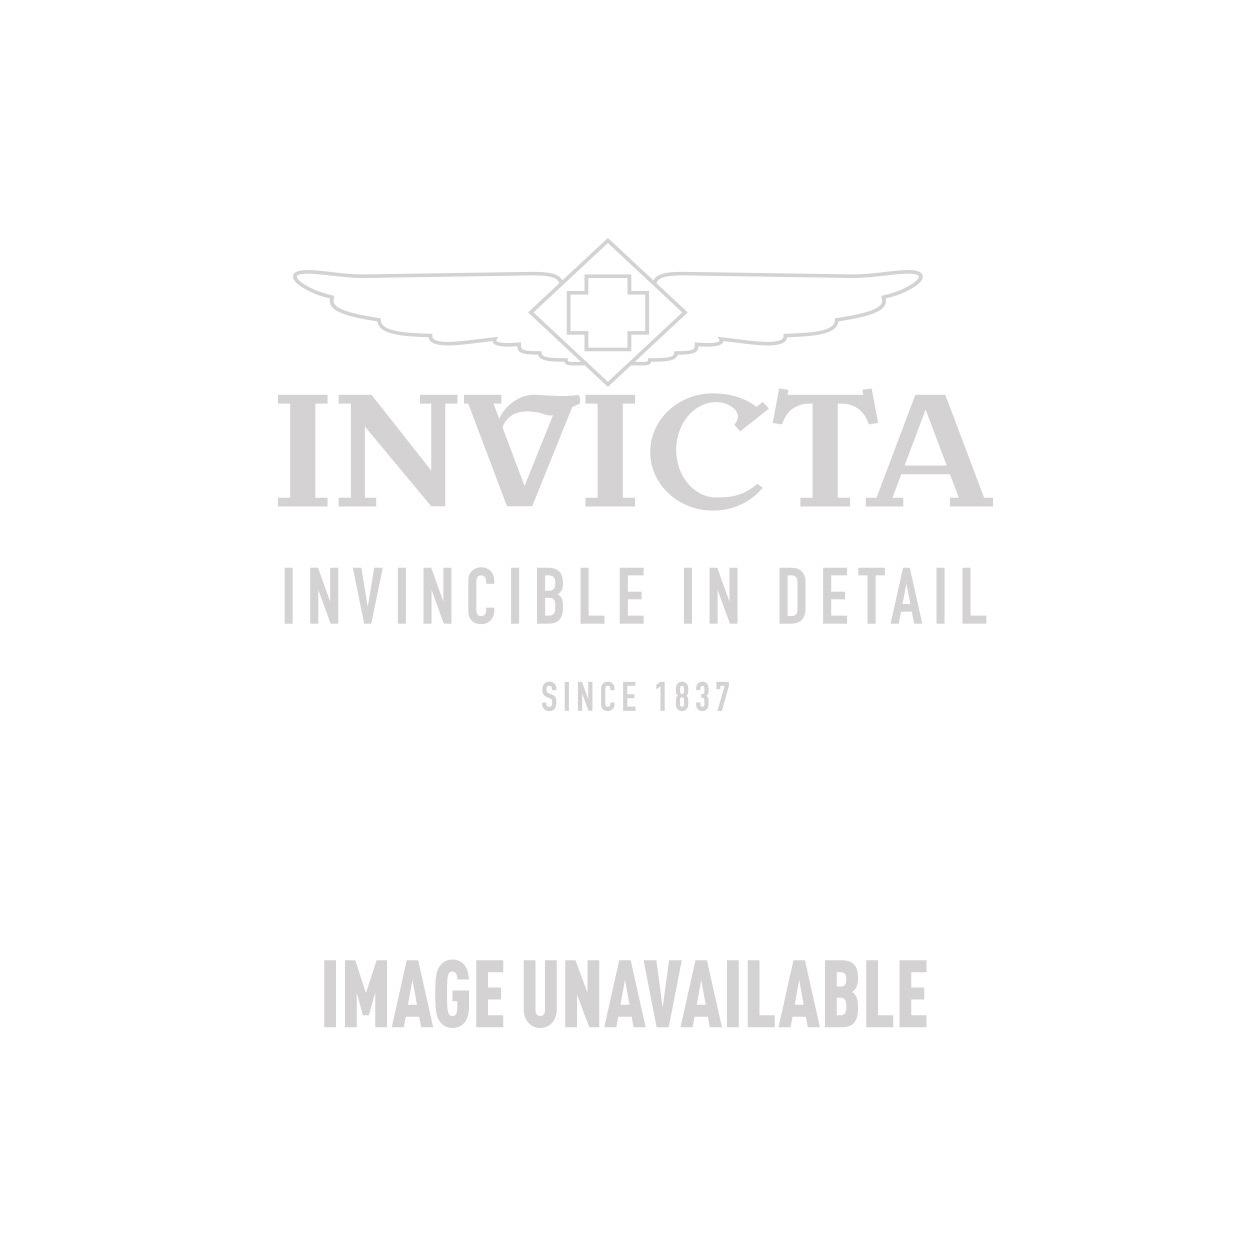 Invicta Model  22833